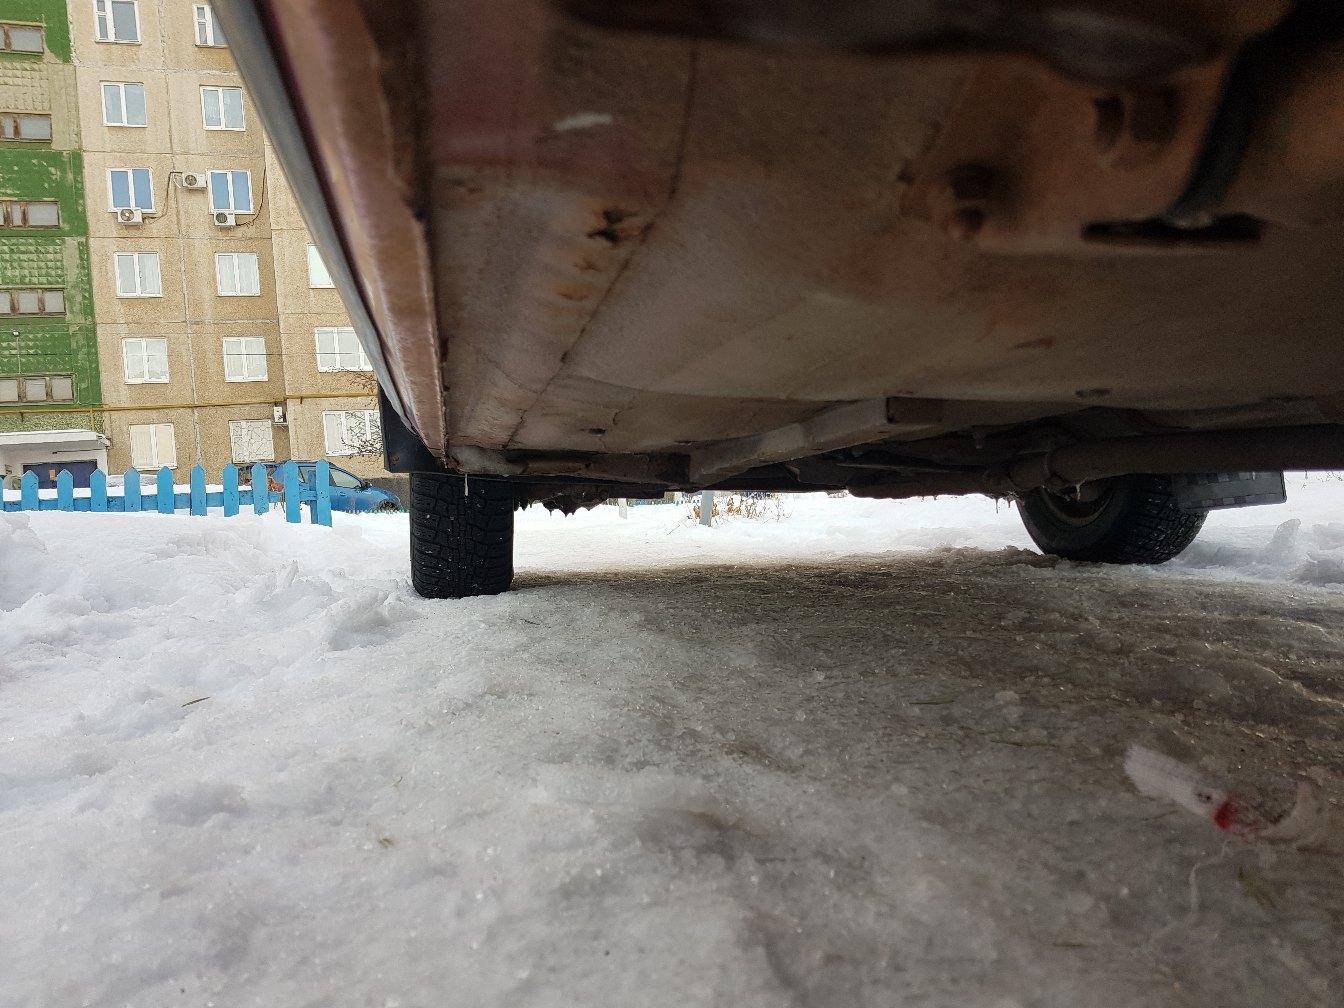 Купить(обмен) Ваз 2105  1997г ГАЗ+бензин 3 | Объявления Орска и Новотроицка №1268